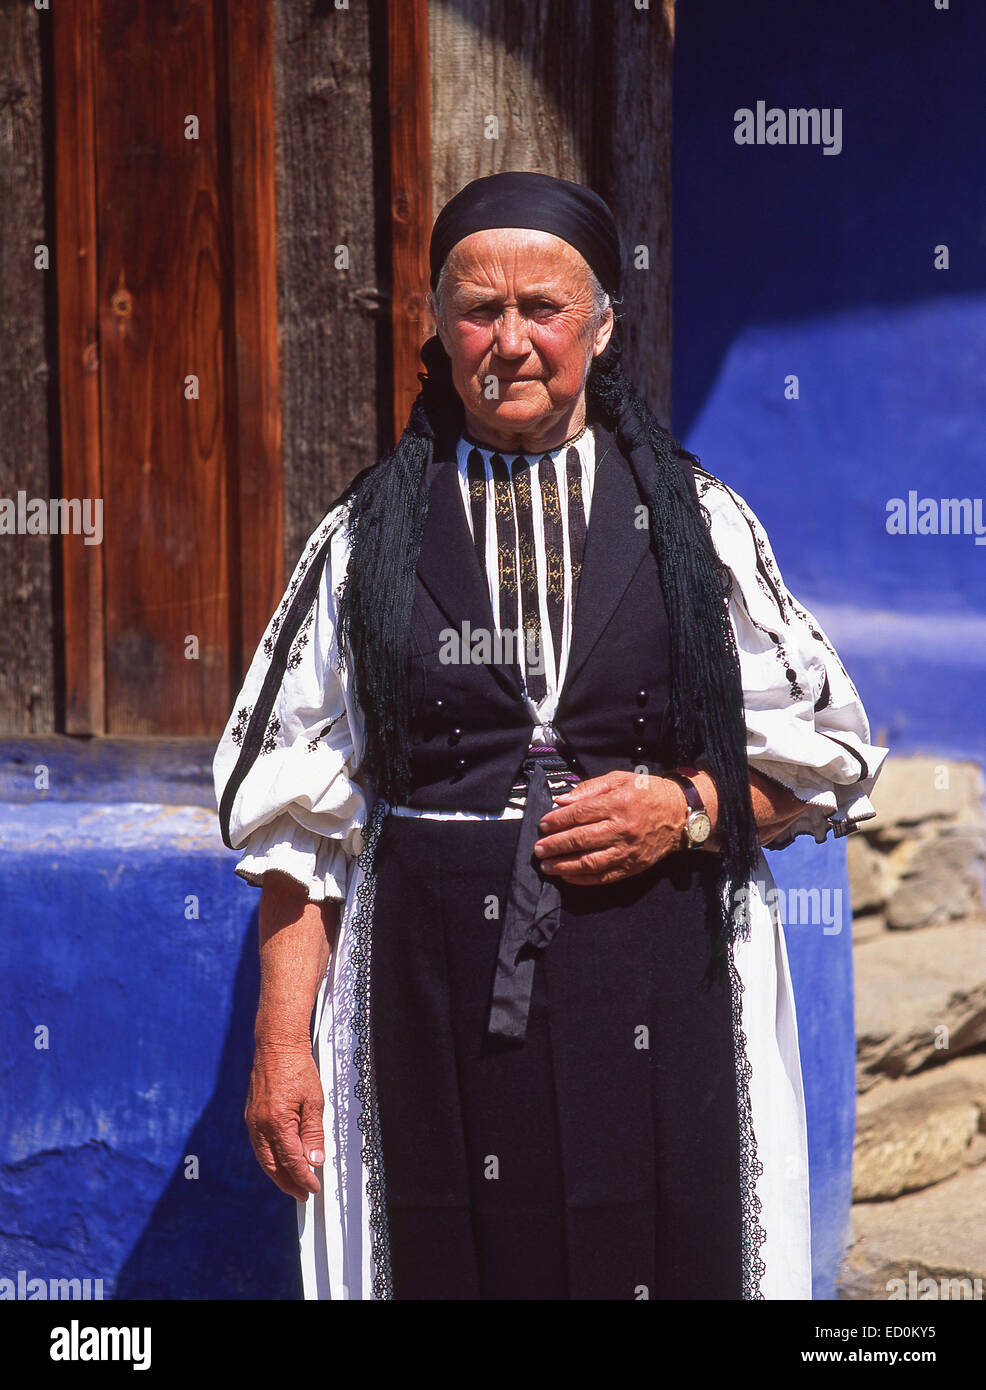 Alte Frau in Tracht, Pöltinis, Harghita Grafschaft, Centru (Siebenbürgen) Region, Rumänien Stockbild